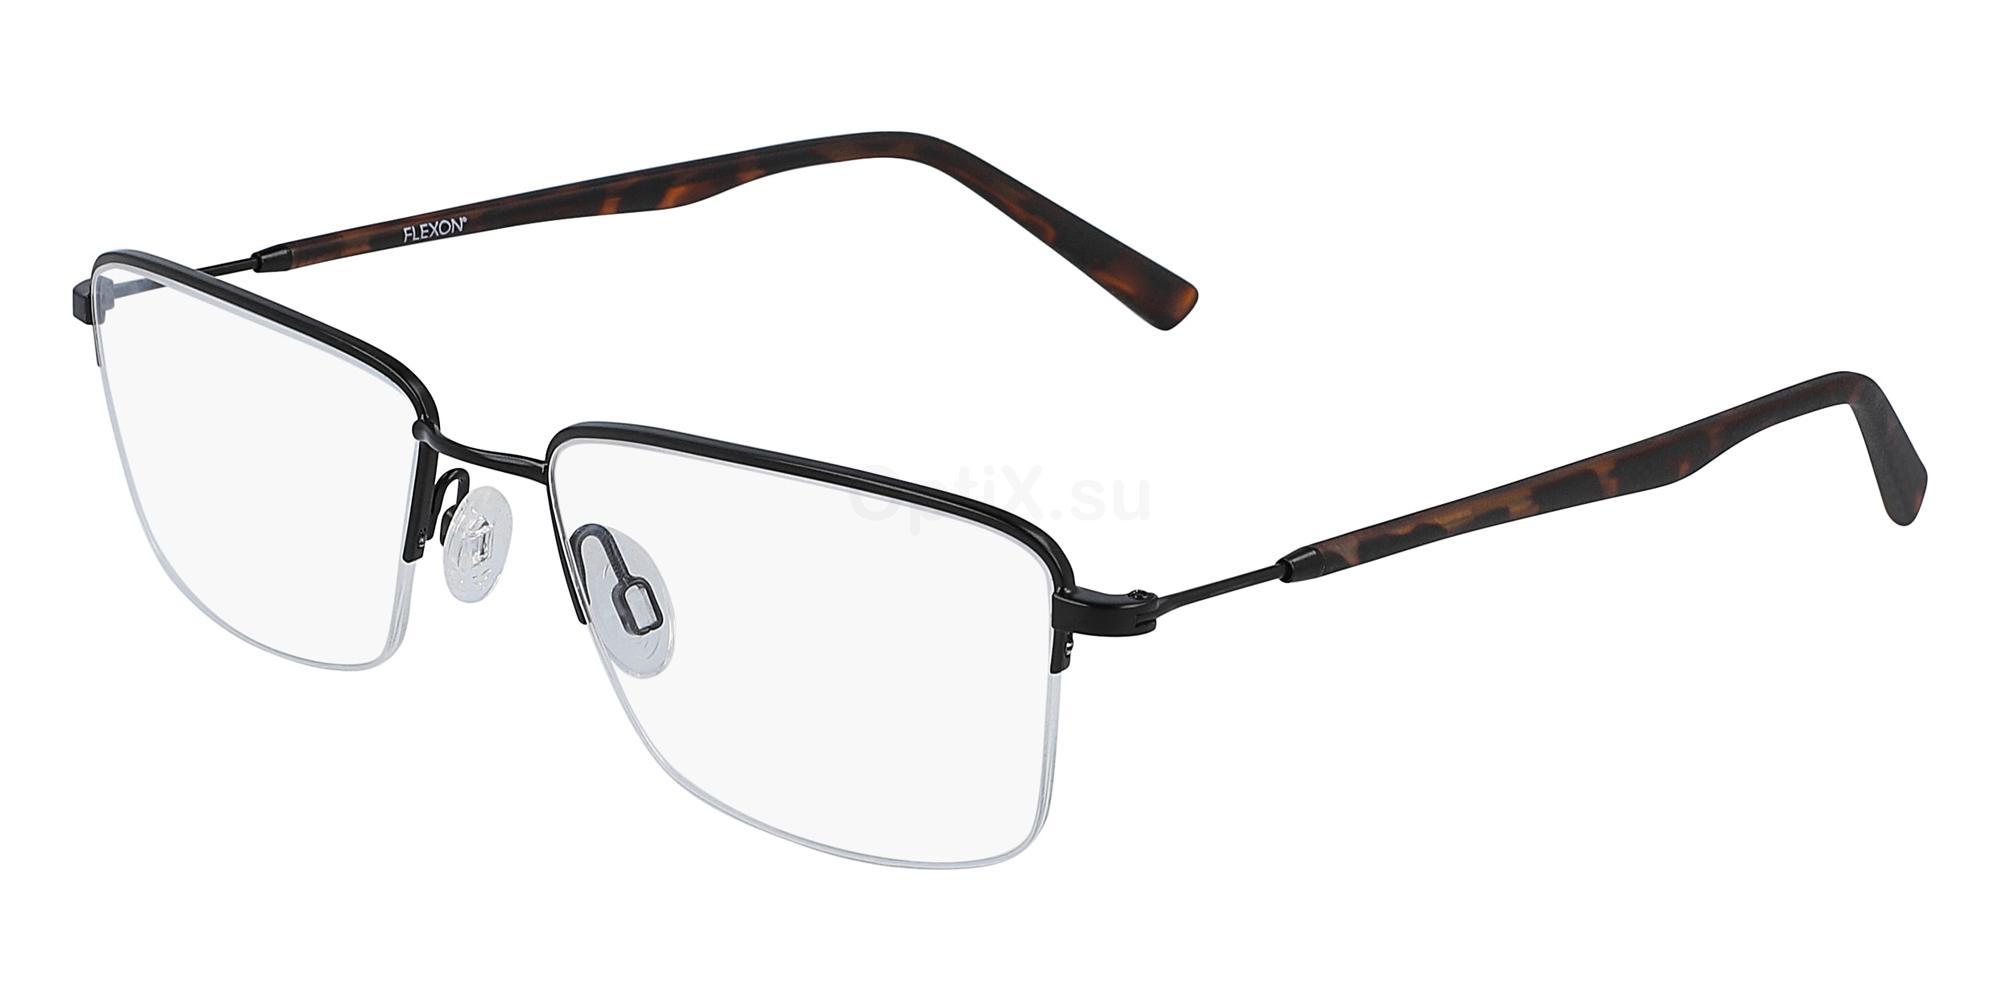 001 FLEXON H6014 Glasses, Flexon